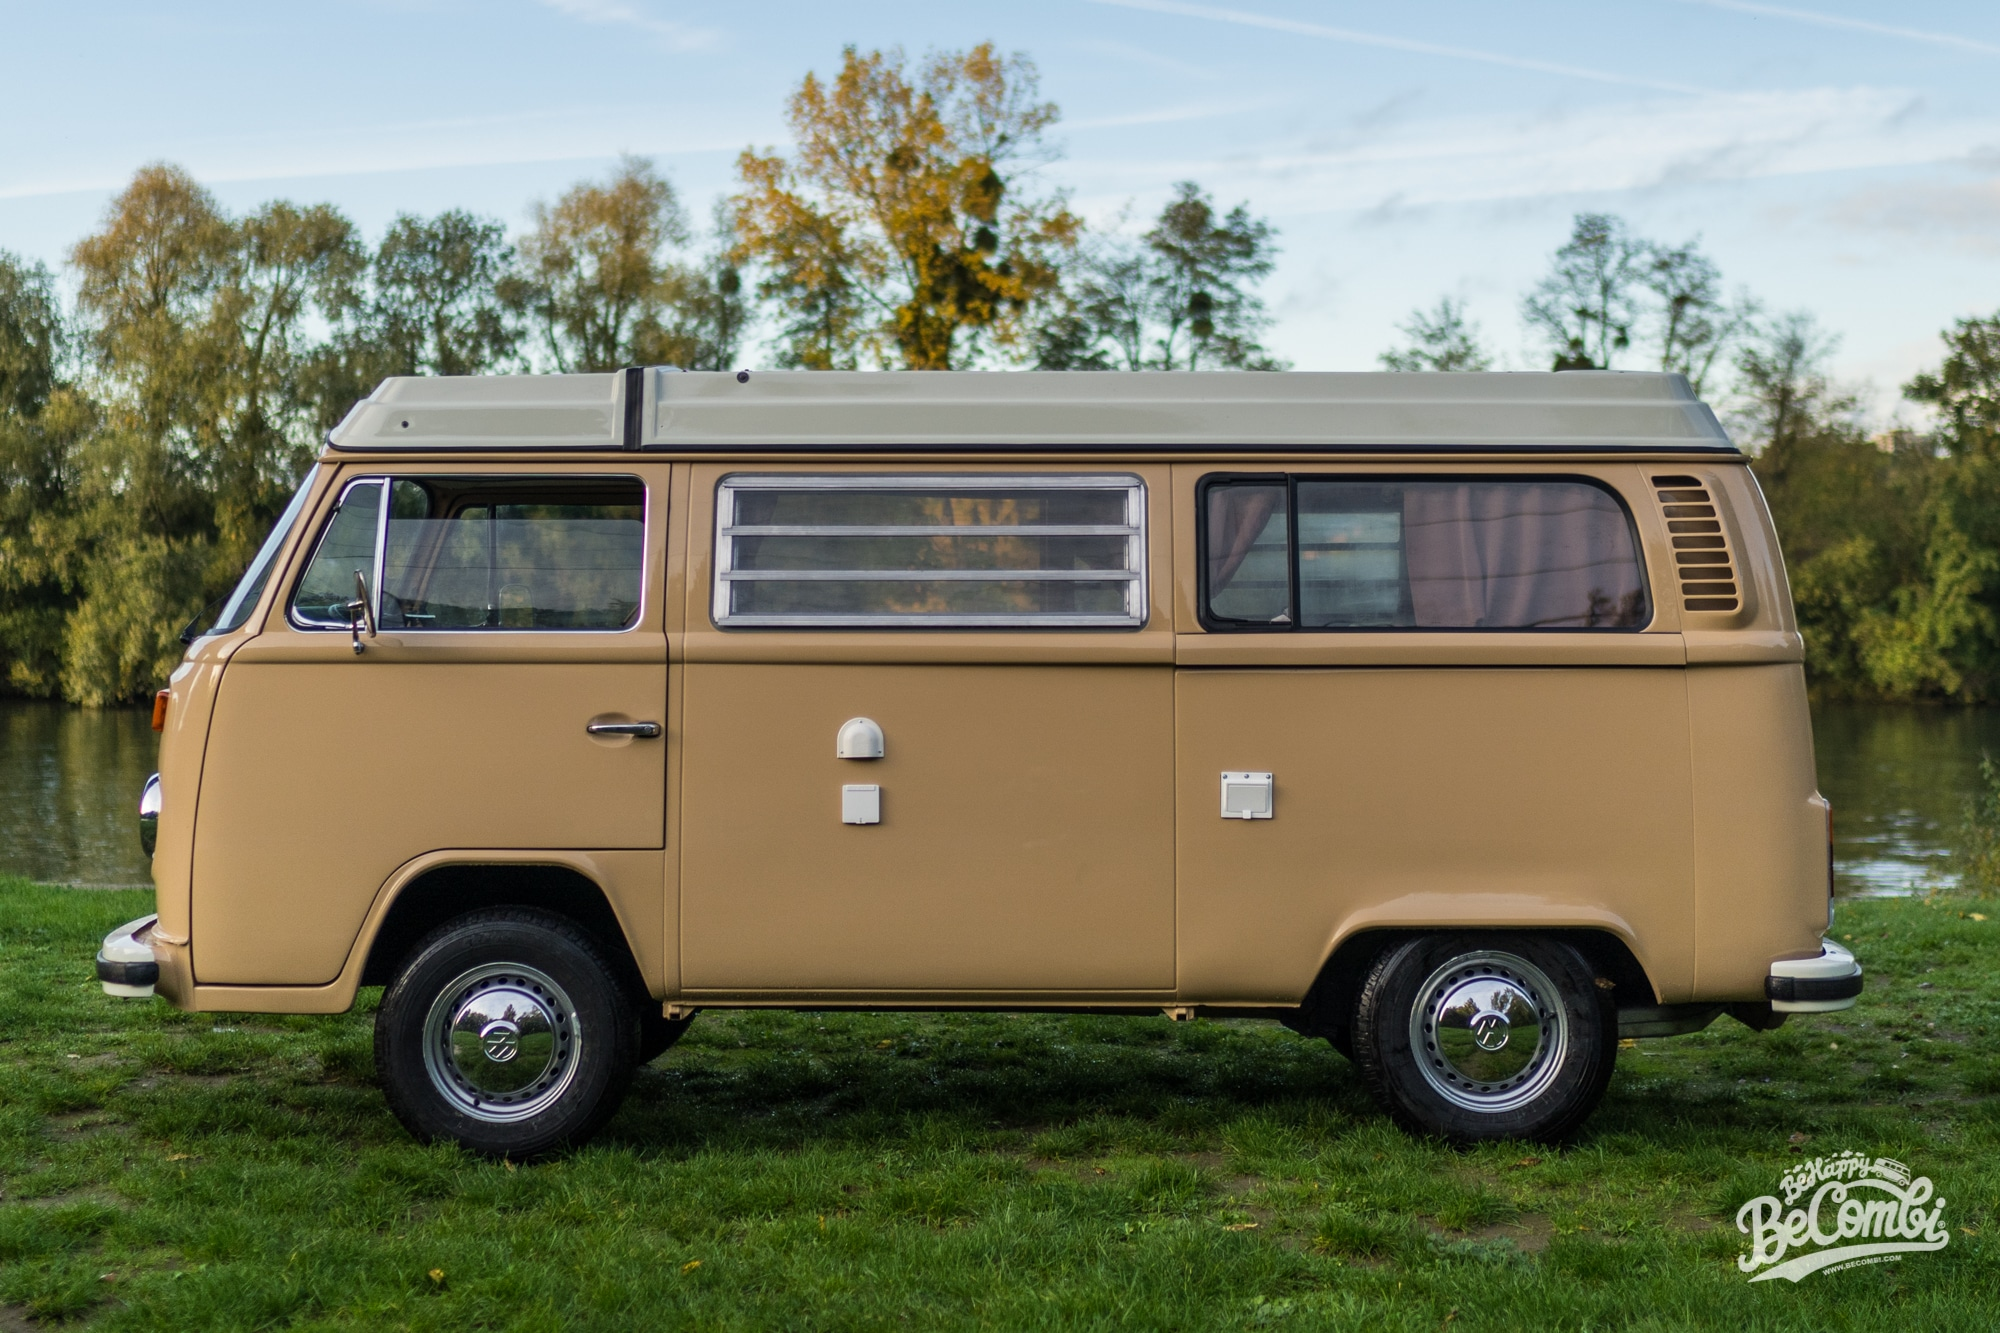 VW Combi Berlin - Schmecko - BeCombi-6